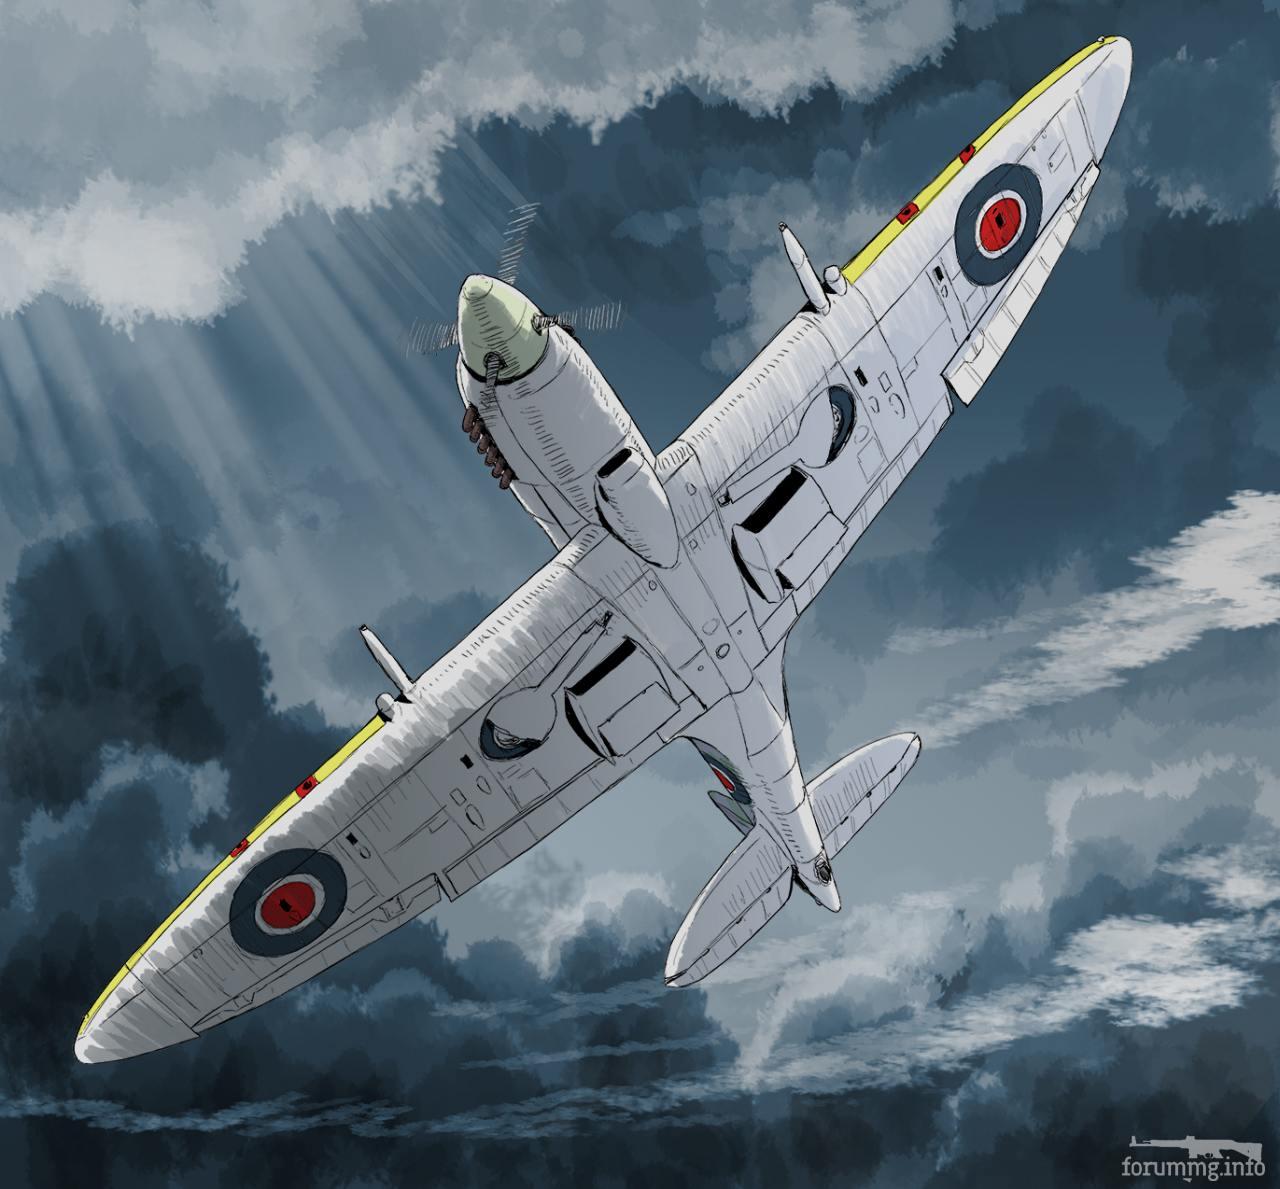 138346 - Художественные картины на авиационную тематику